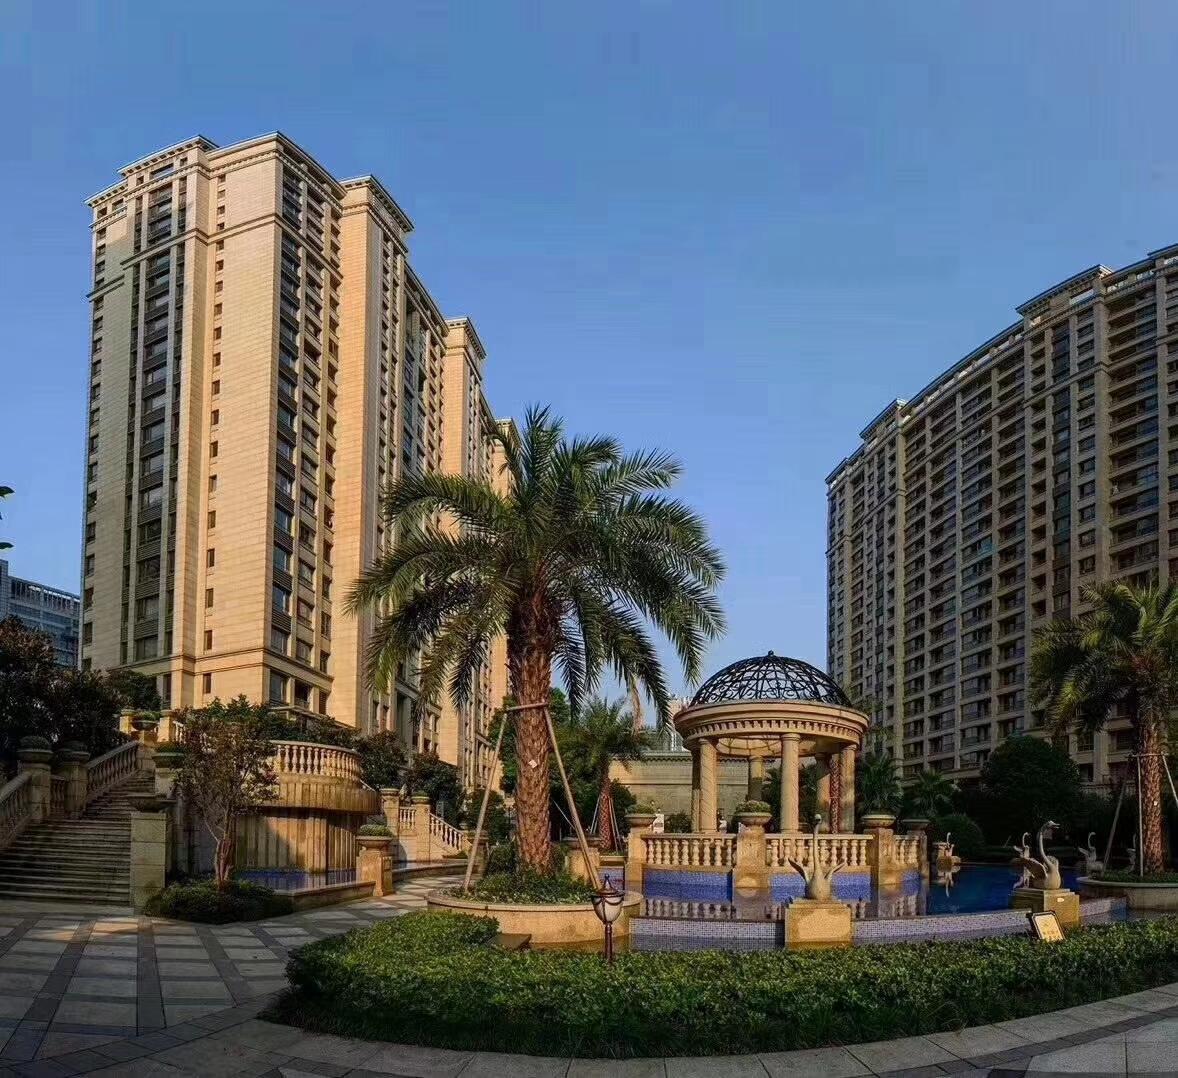 义乌市区现房发售 紧邻义乌之心银泰 稠城学区